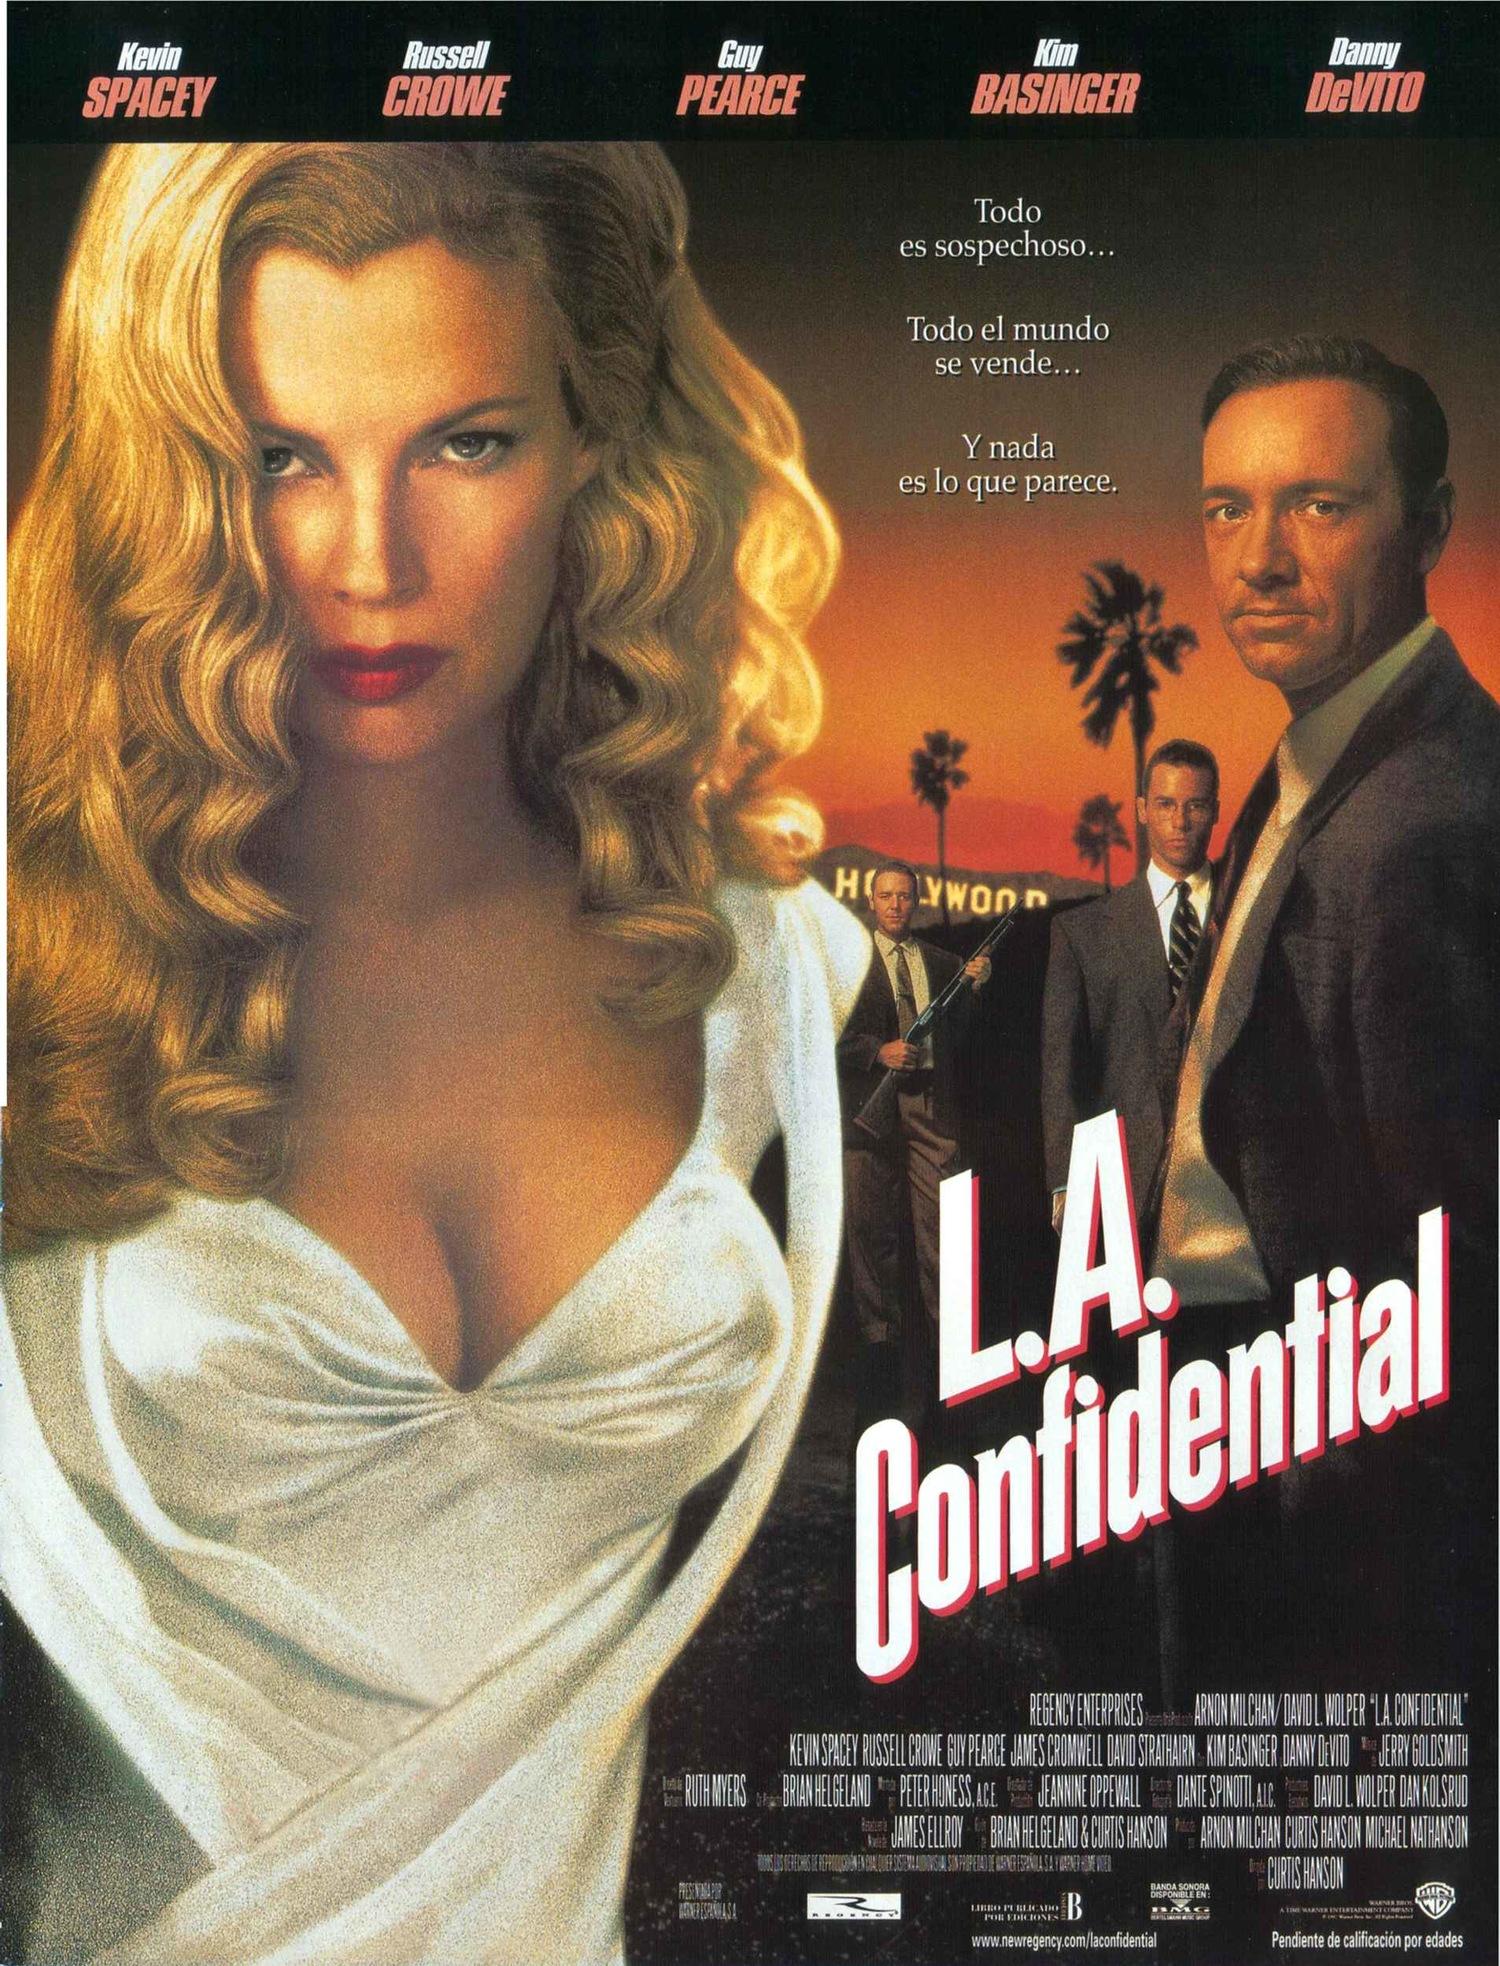 Фильм «Секреты Лос-Анджелеса» (1997): Ким Бейсингер, Рассел Кроу, Гай Пирс, Кевин Спейси 1500x1967